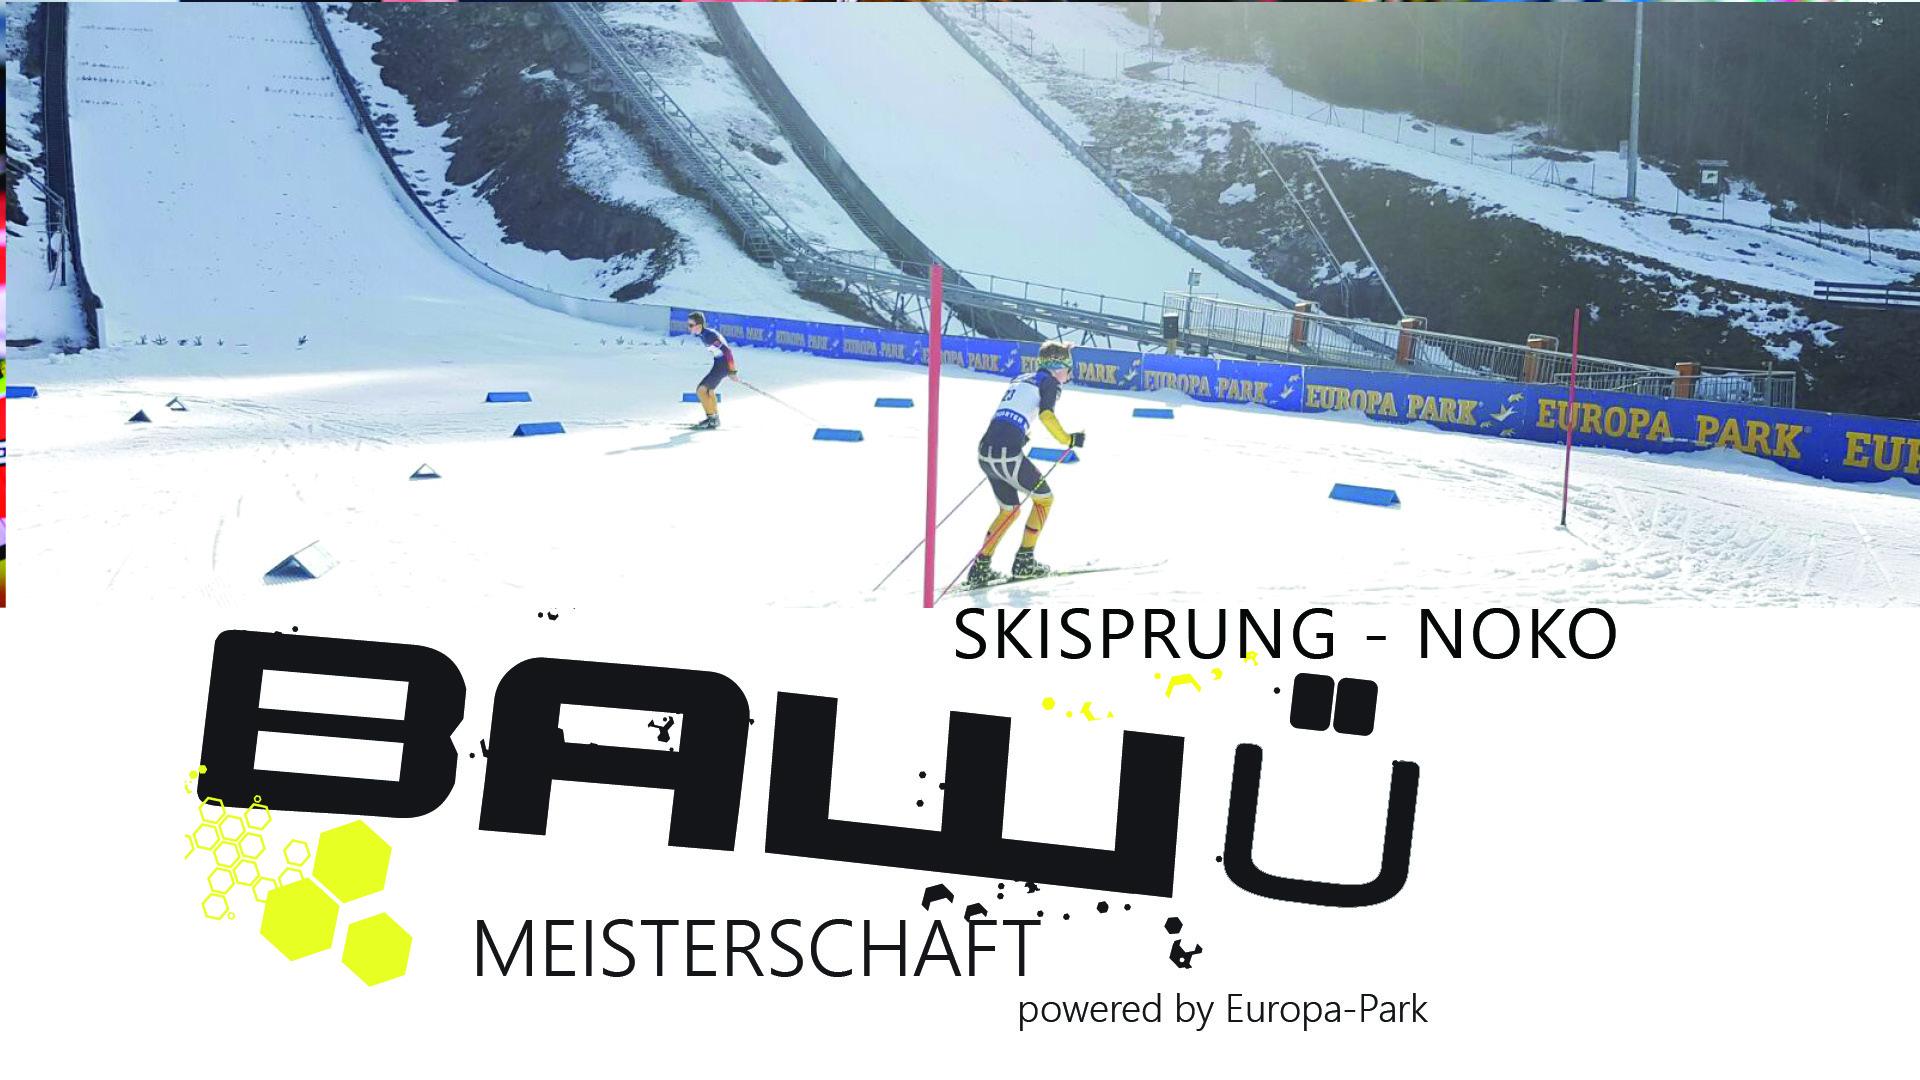 Ba-Wü Meisterschaften Noko und Skisprung